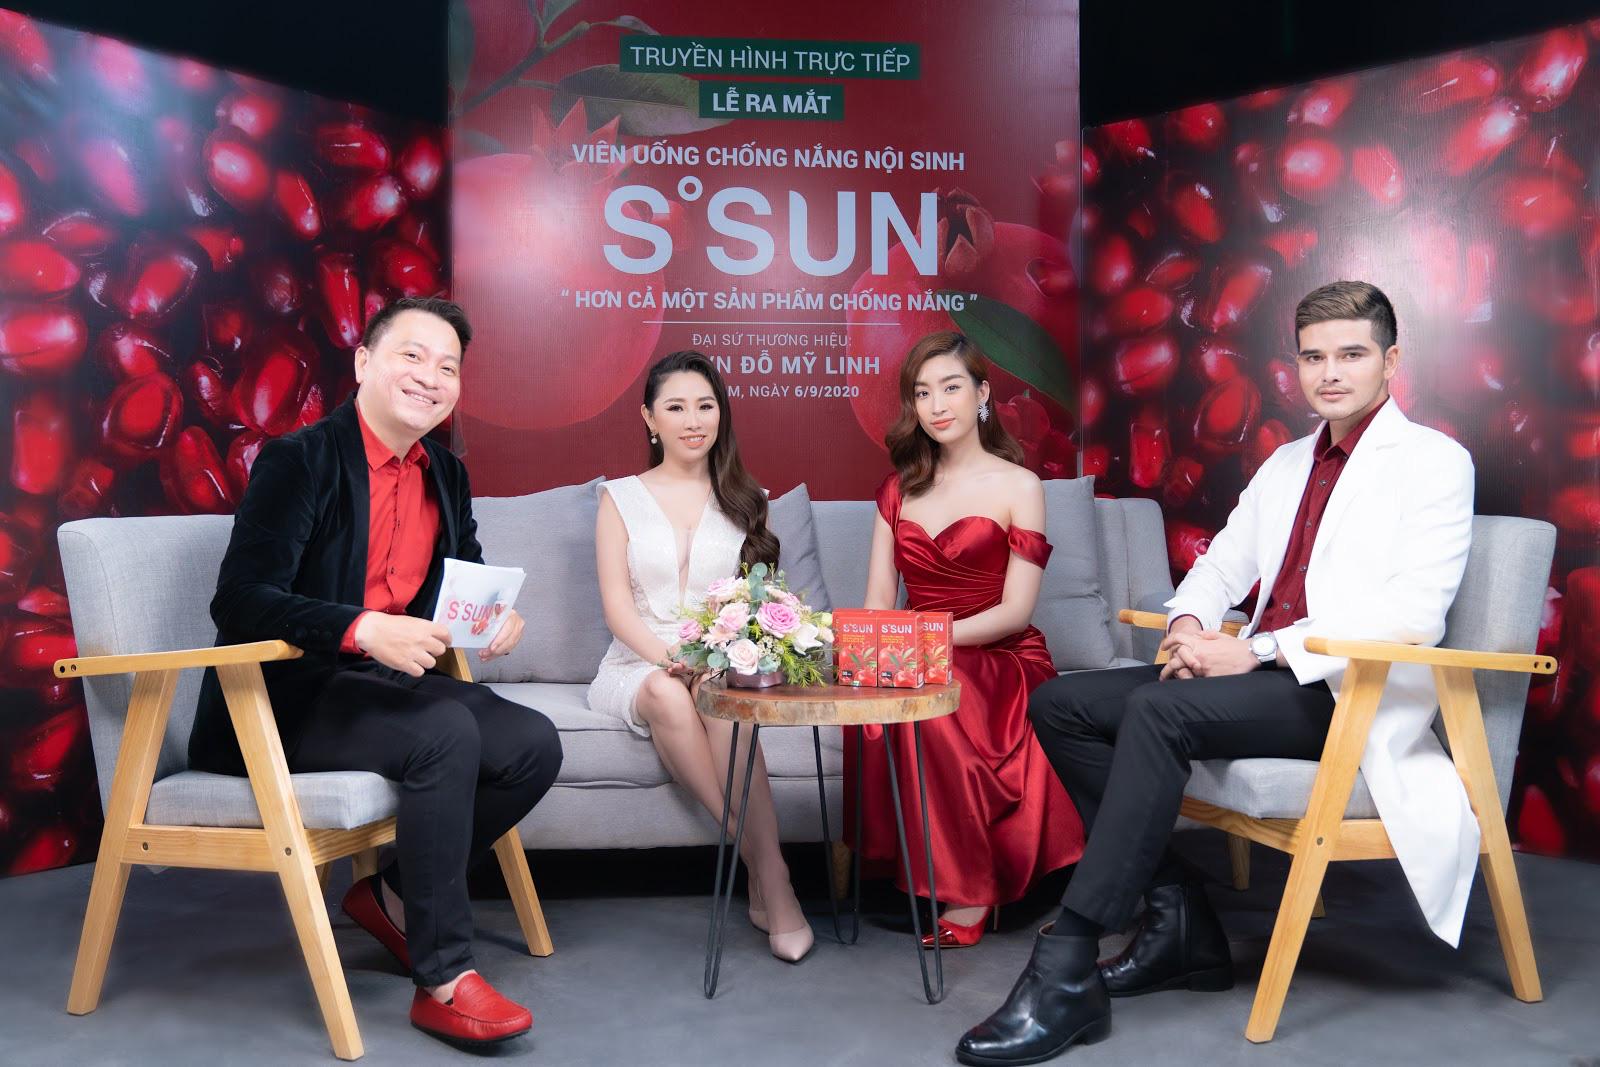 CEO Hoàng Tuyết Mai rạng rỡ trong buổi ra mắt sản phẩm chăm sóc sắc đẹp mới - Ảnh 1.